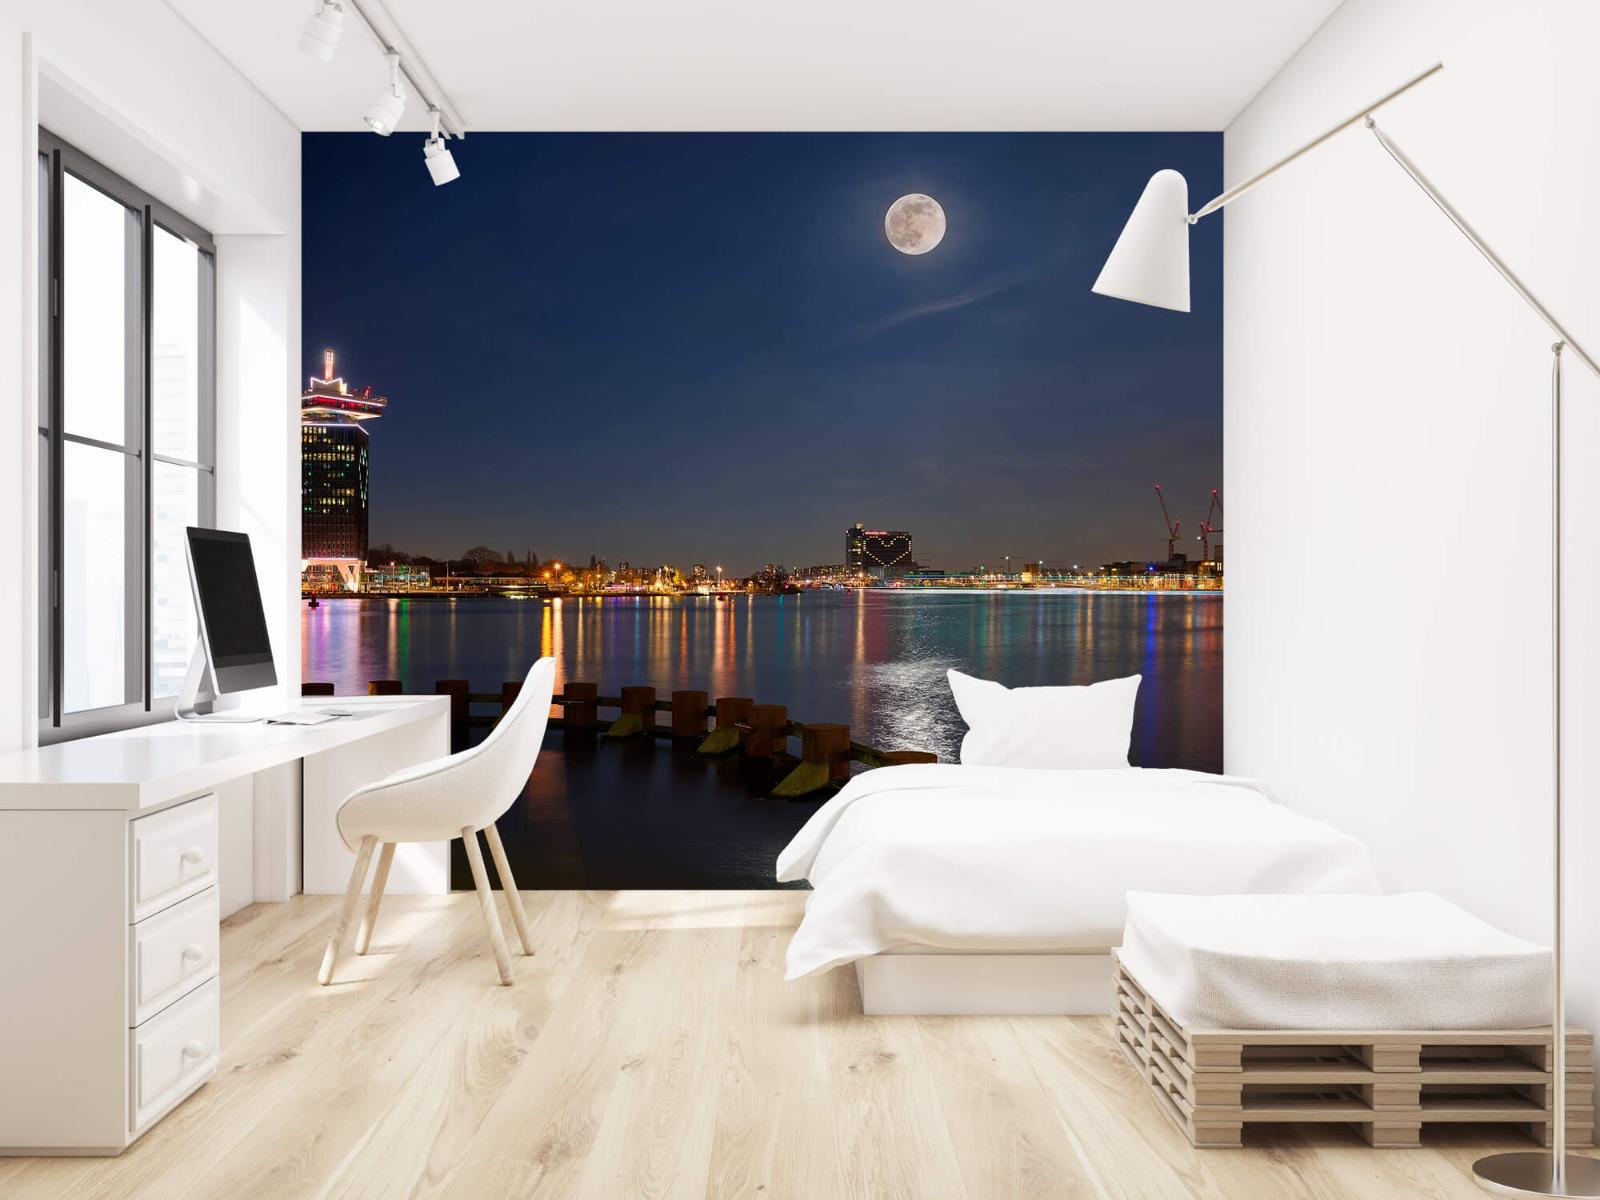 Steden behang - Supermaan in Amsterdam - Slaapkamer 22